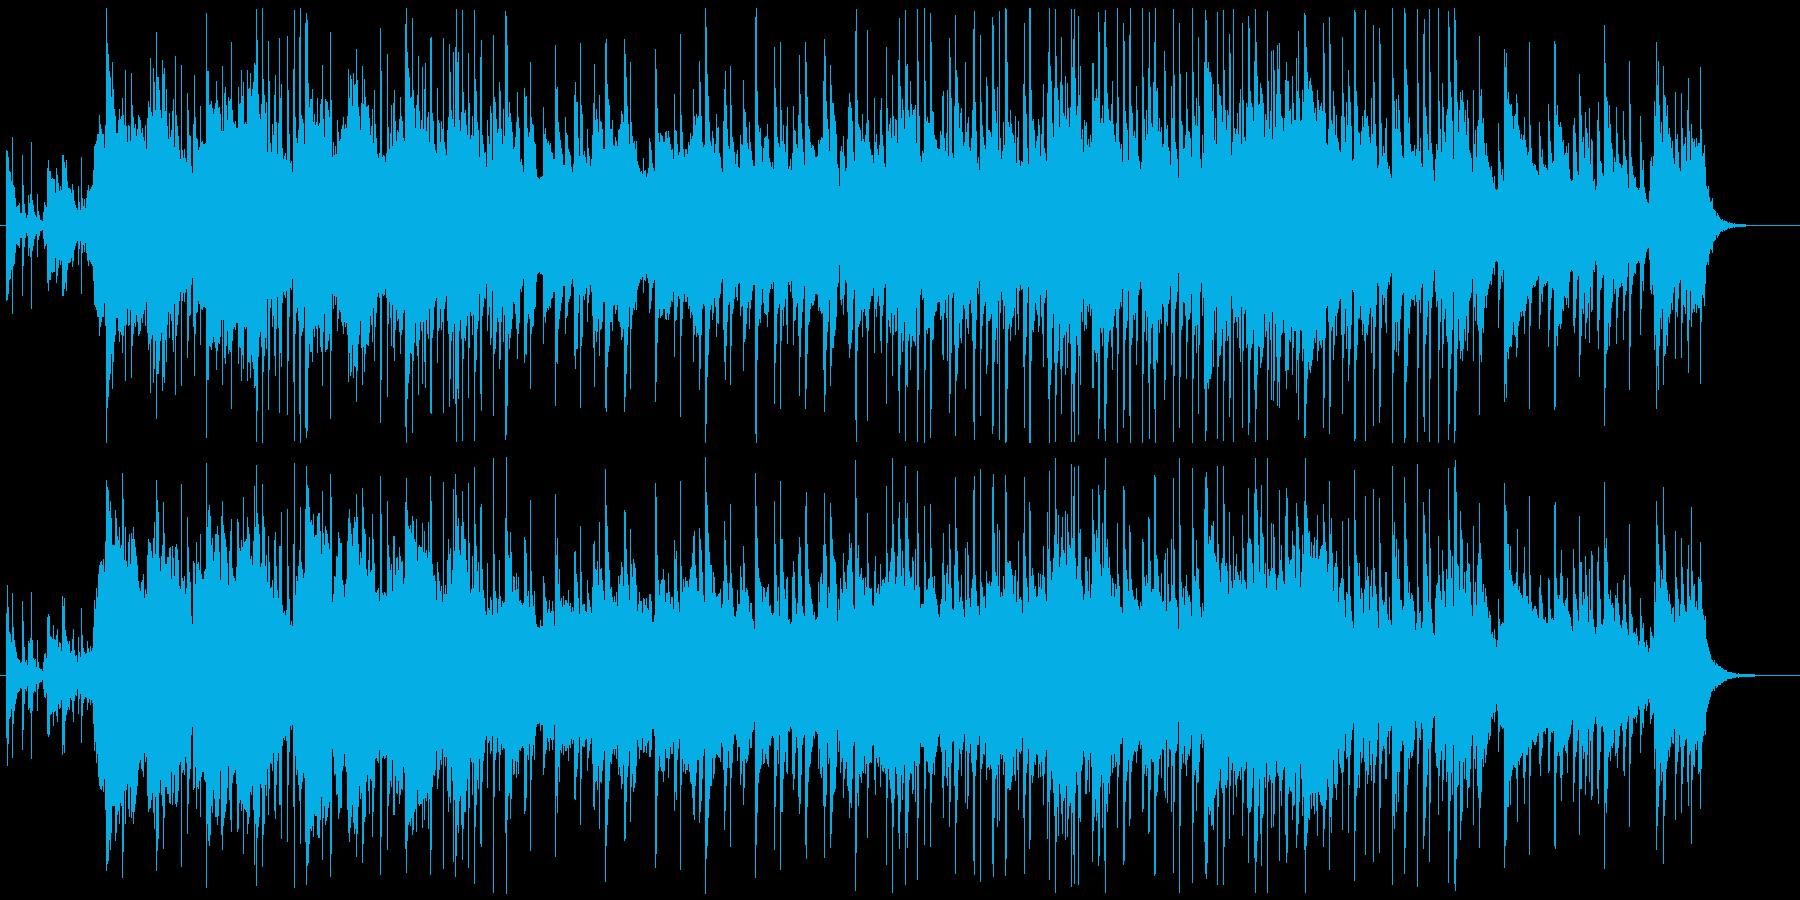 和風VP系4、美しい、ノスタルジックBの再生済みの波形